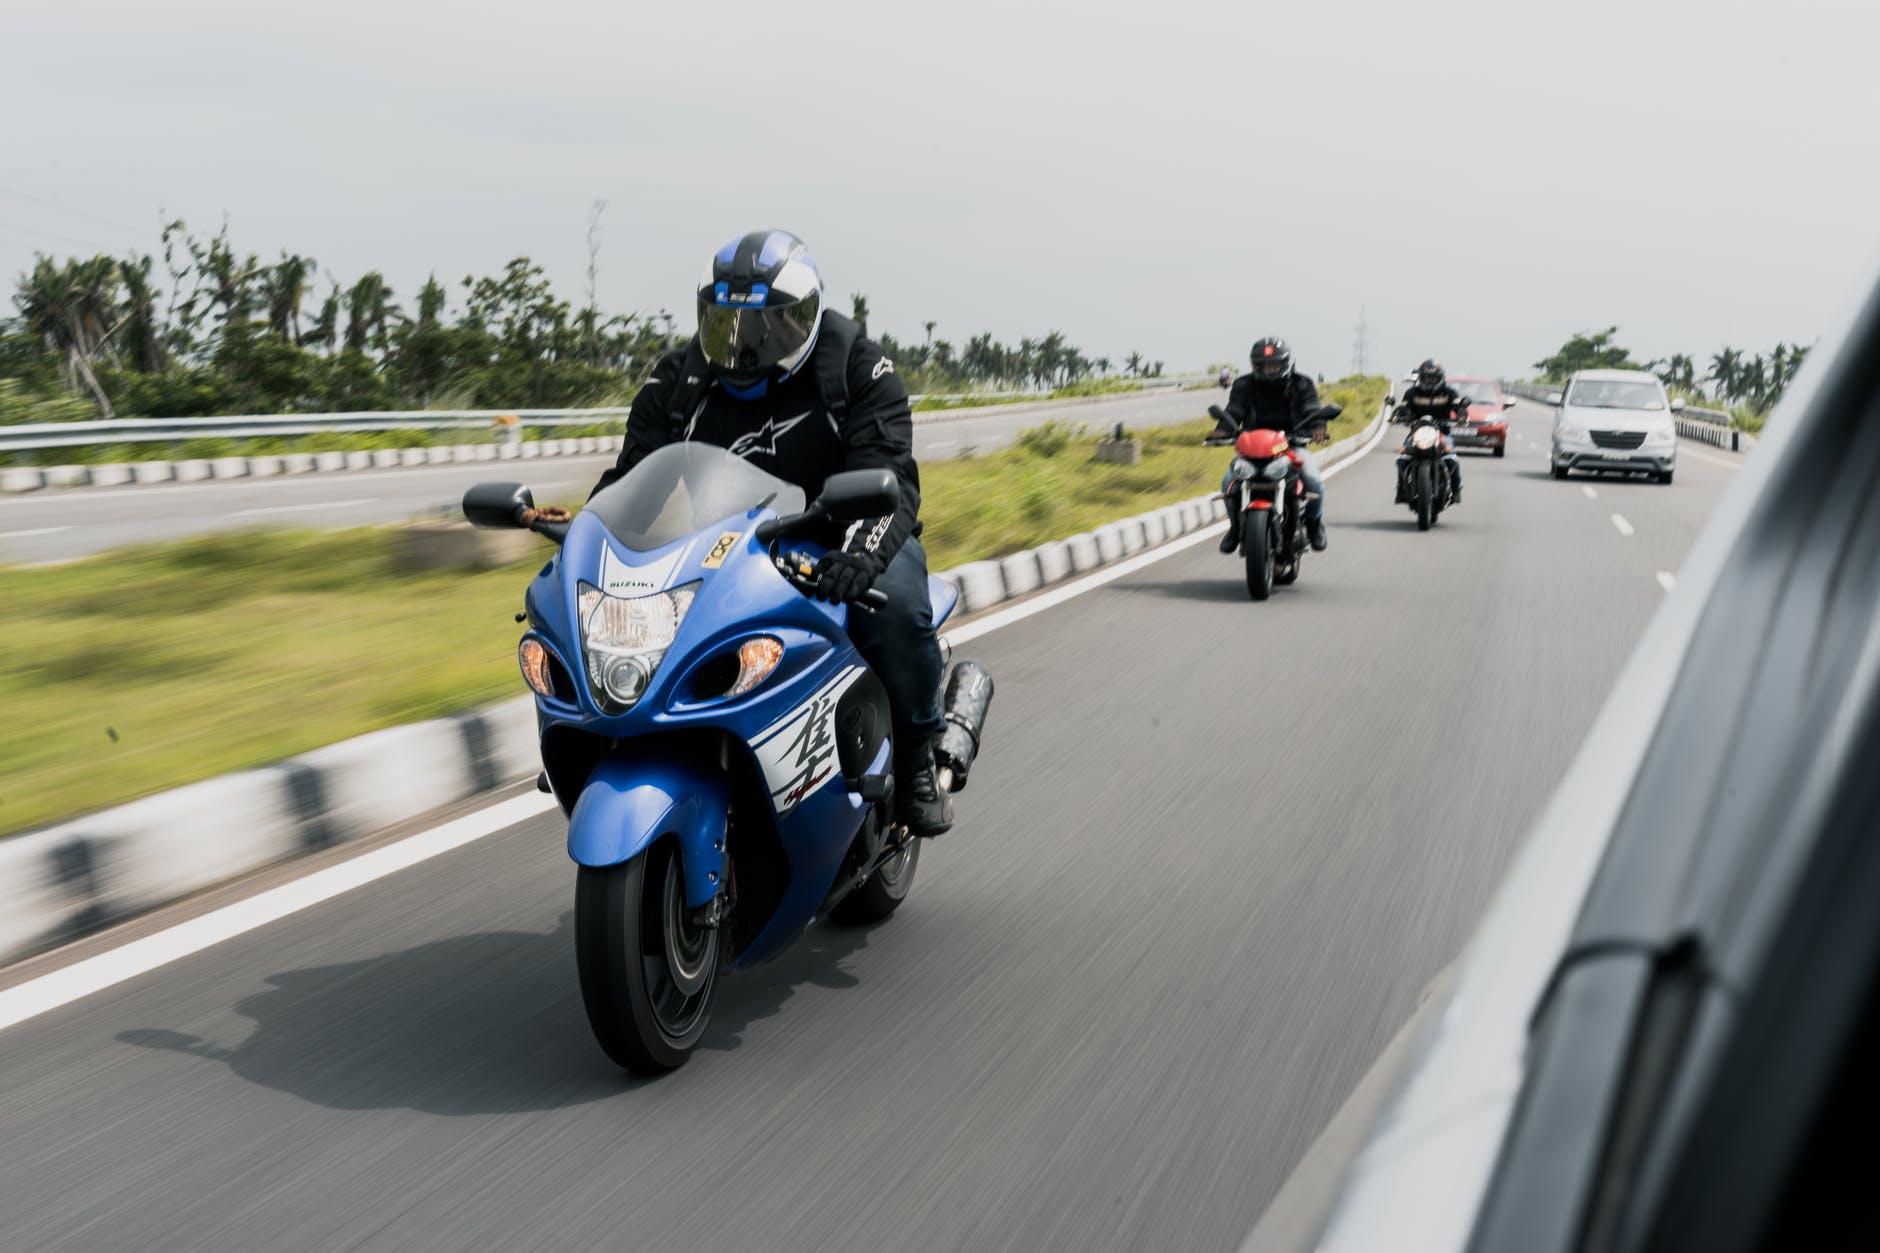 Rouler à moto sans avoir peur des automobilistes, est-ce possible ?